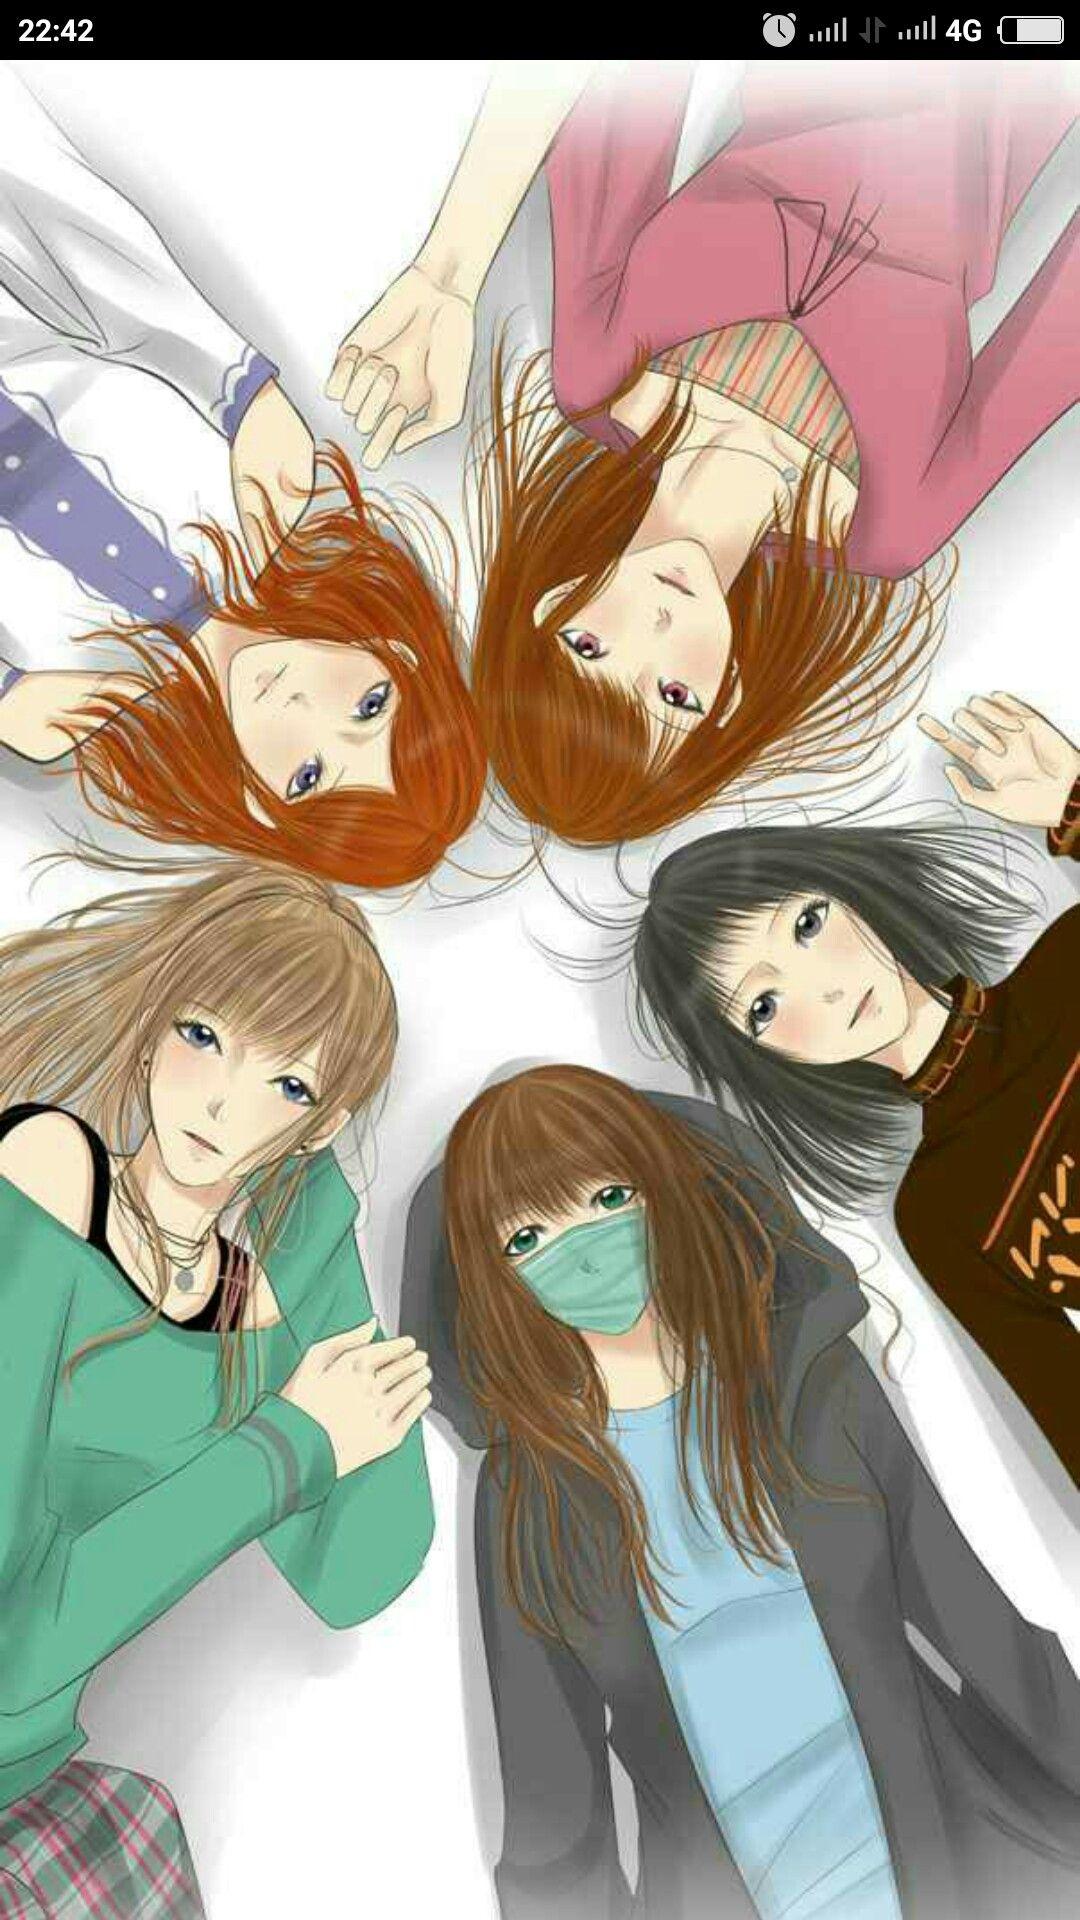 #Fragmented #webtoon   Webtoon, Webtoon comics, Anime